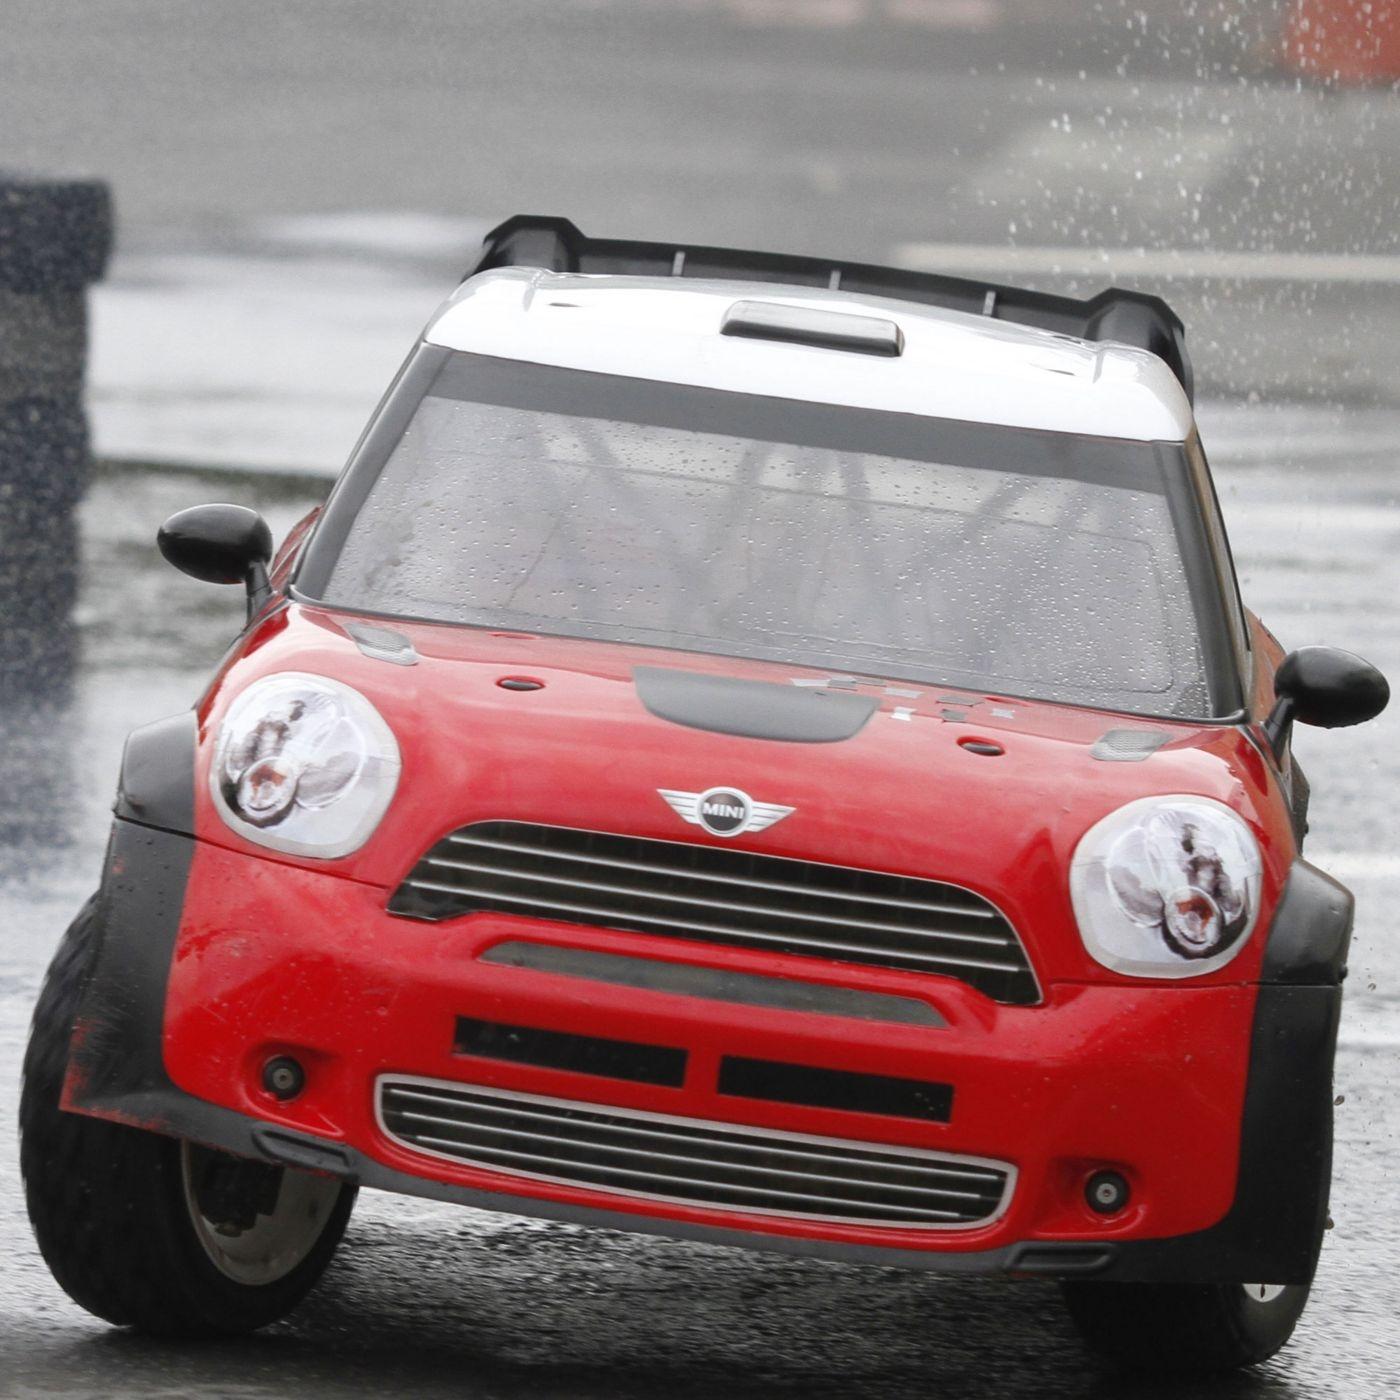 модель раллийного автомобиля Losi Mini Wrc Avc 4wd Rtr Los05007